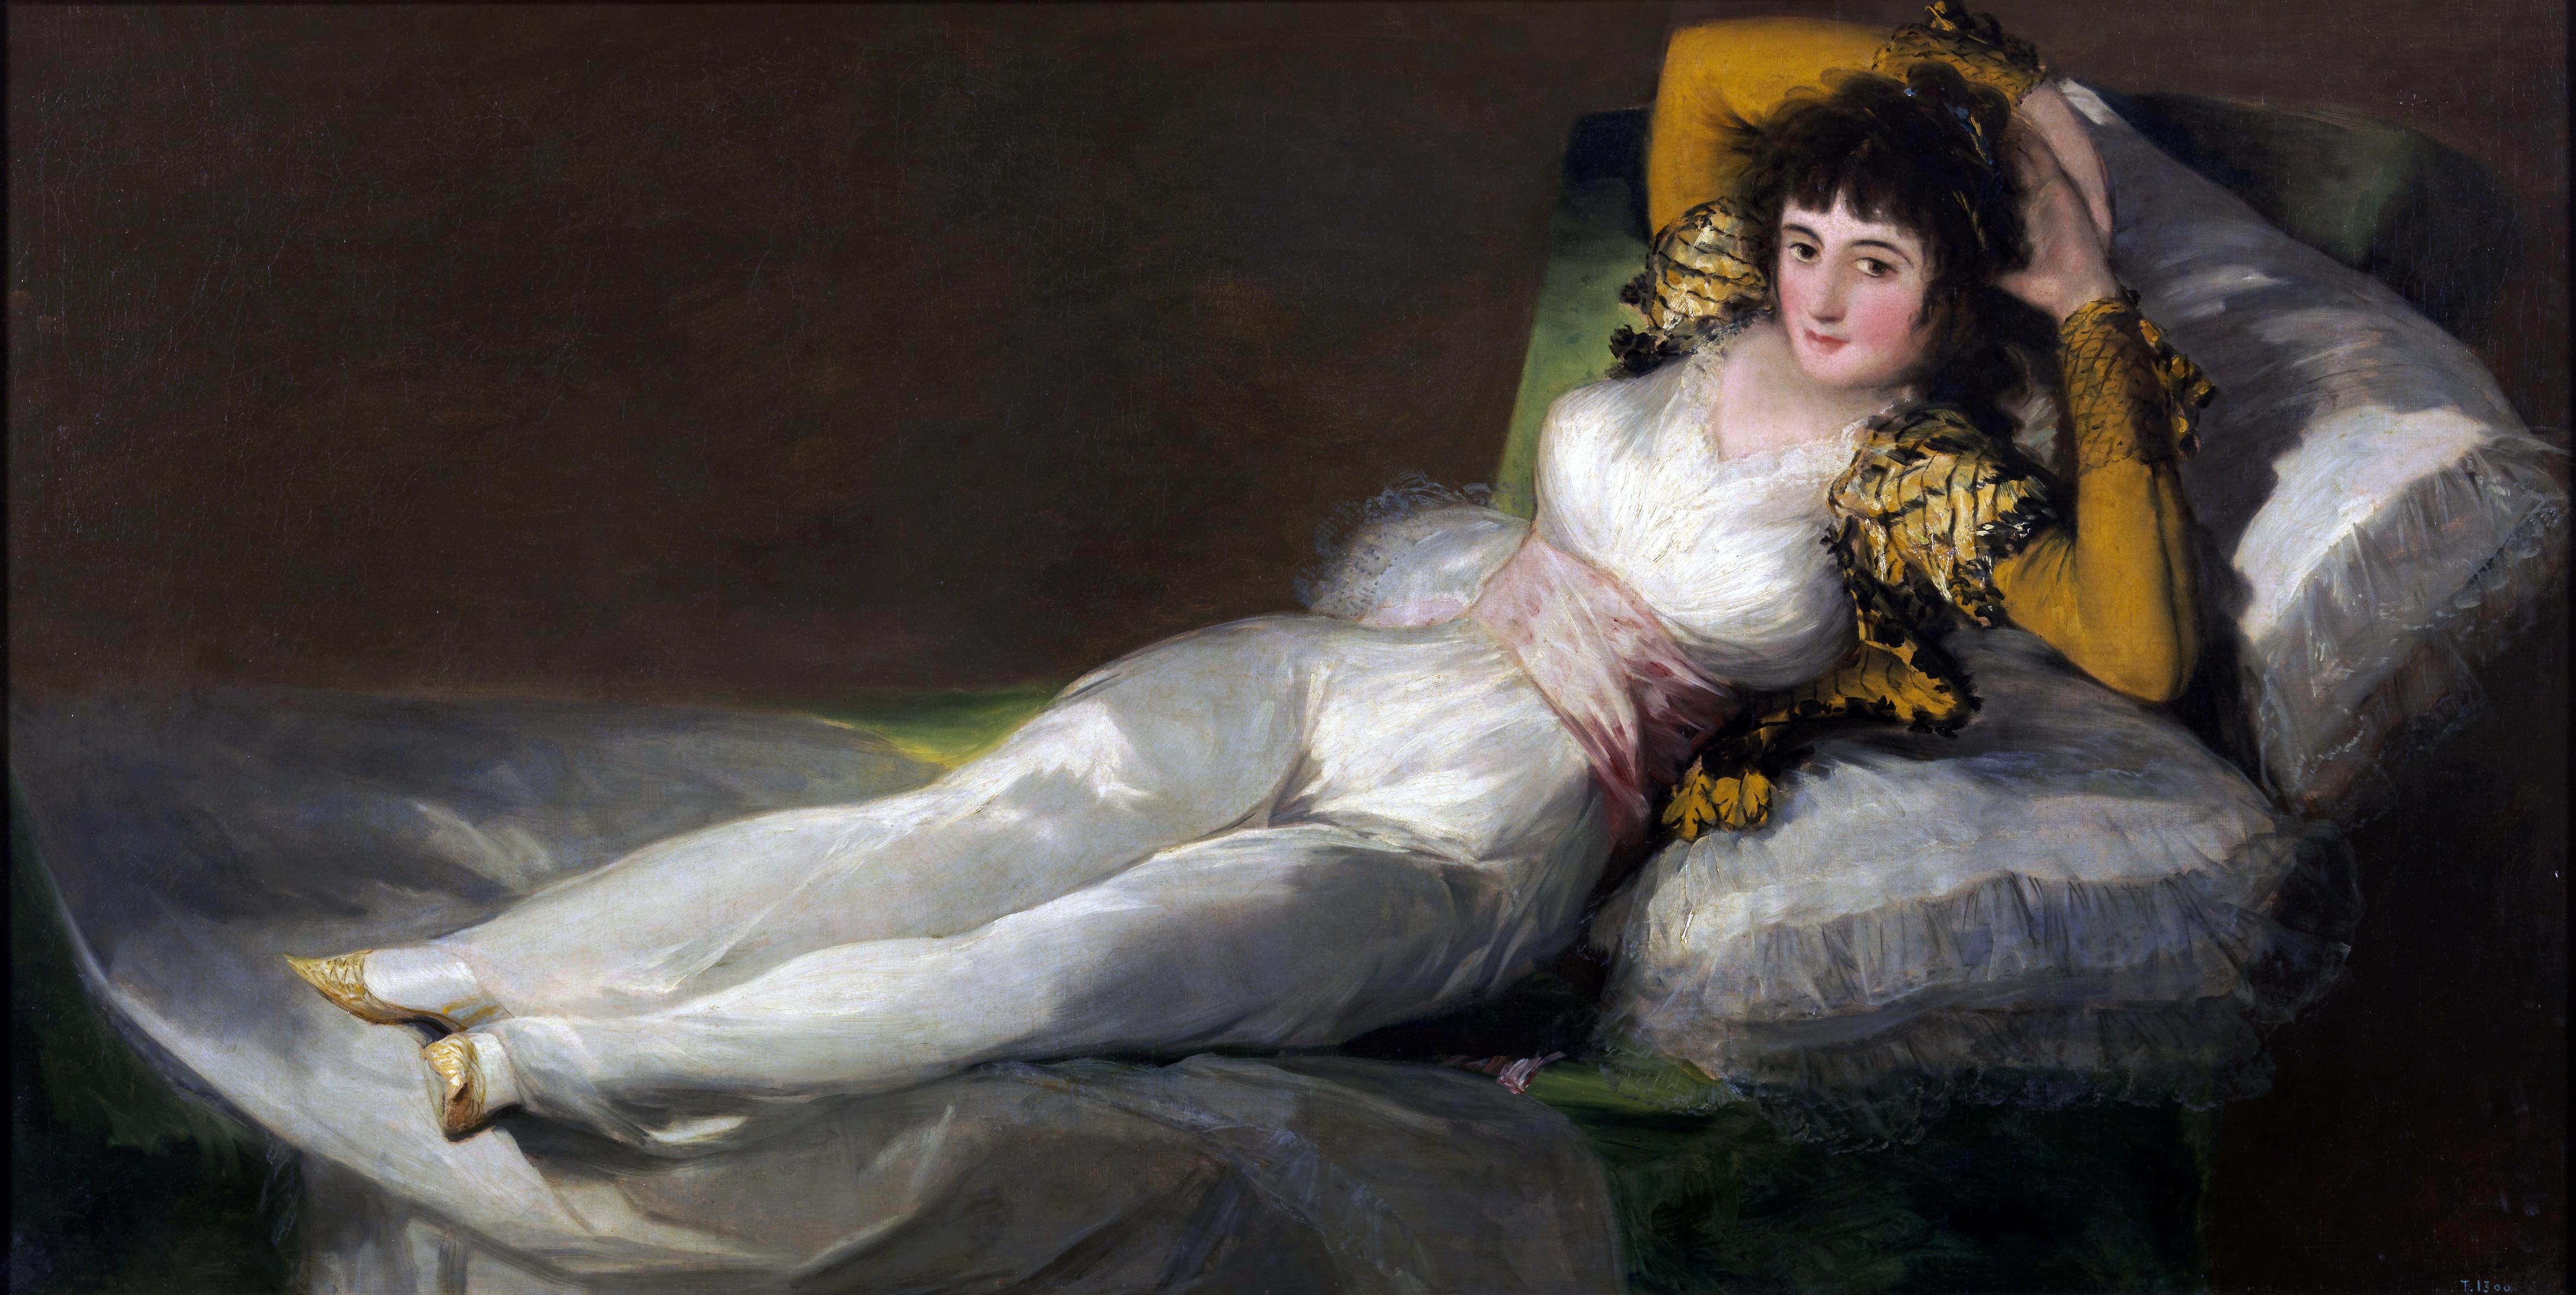 http://upload.wikimedia.org/wikipedia/commons/a/a6/Goya_Maja_ubrana2.jpg